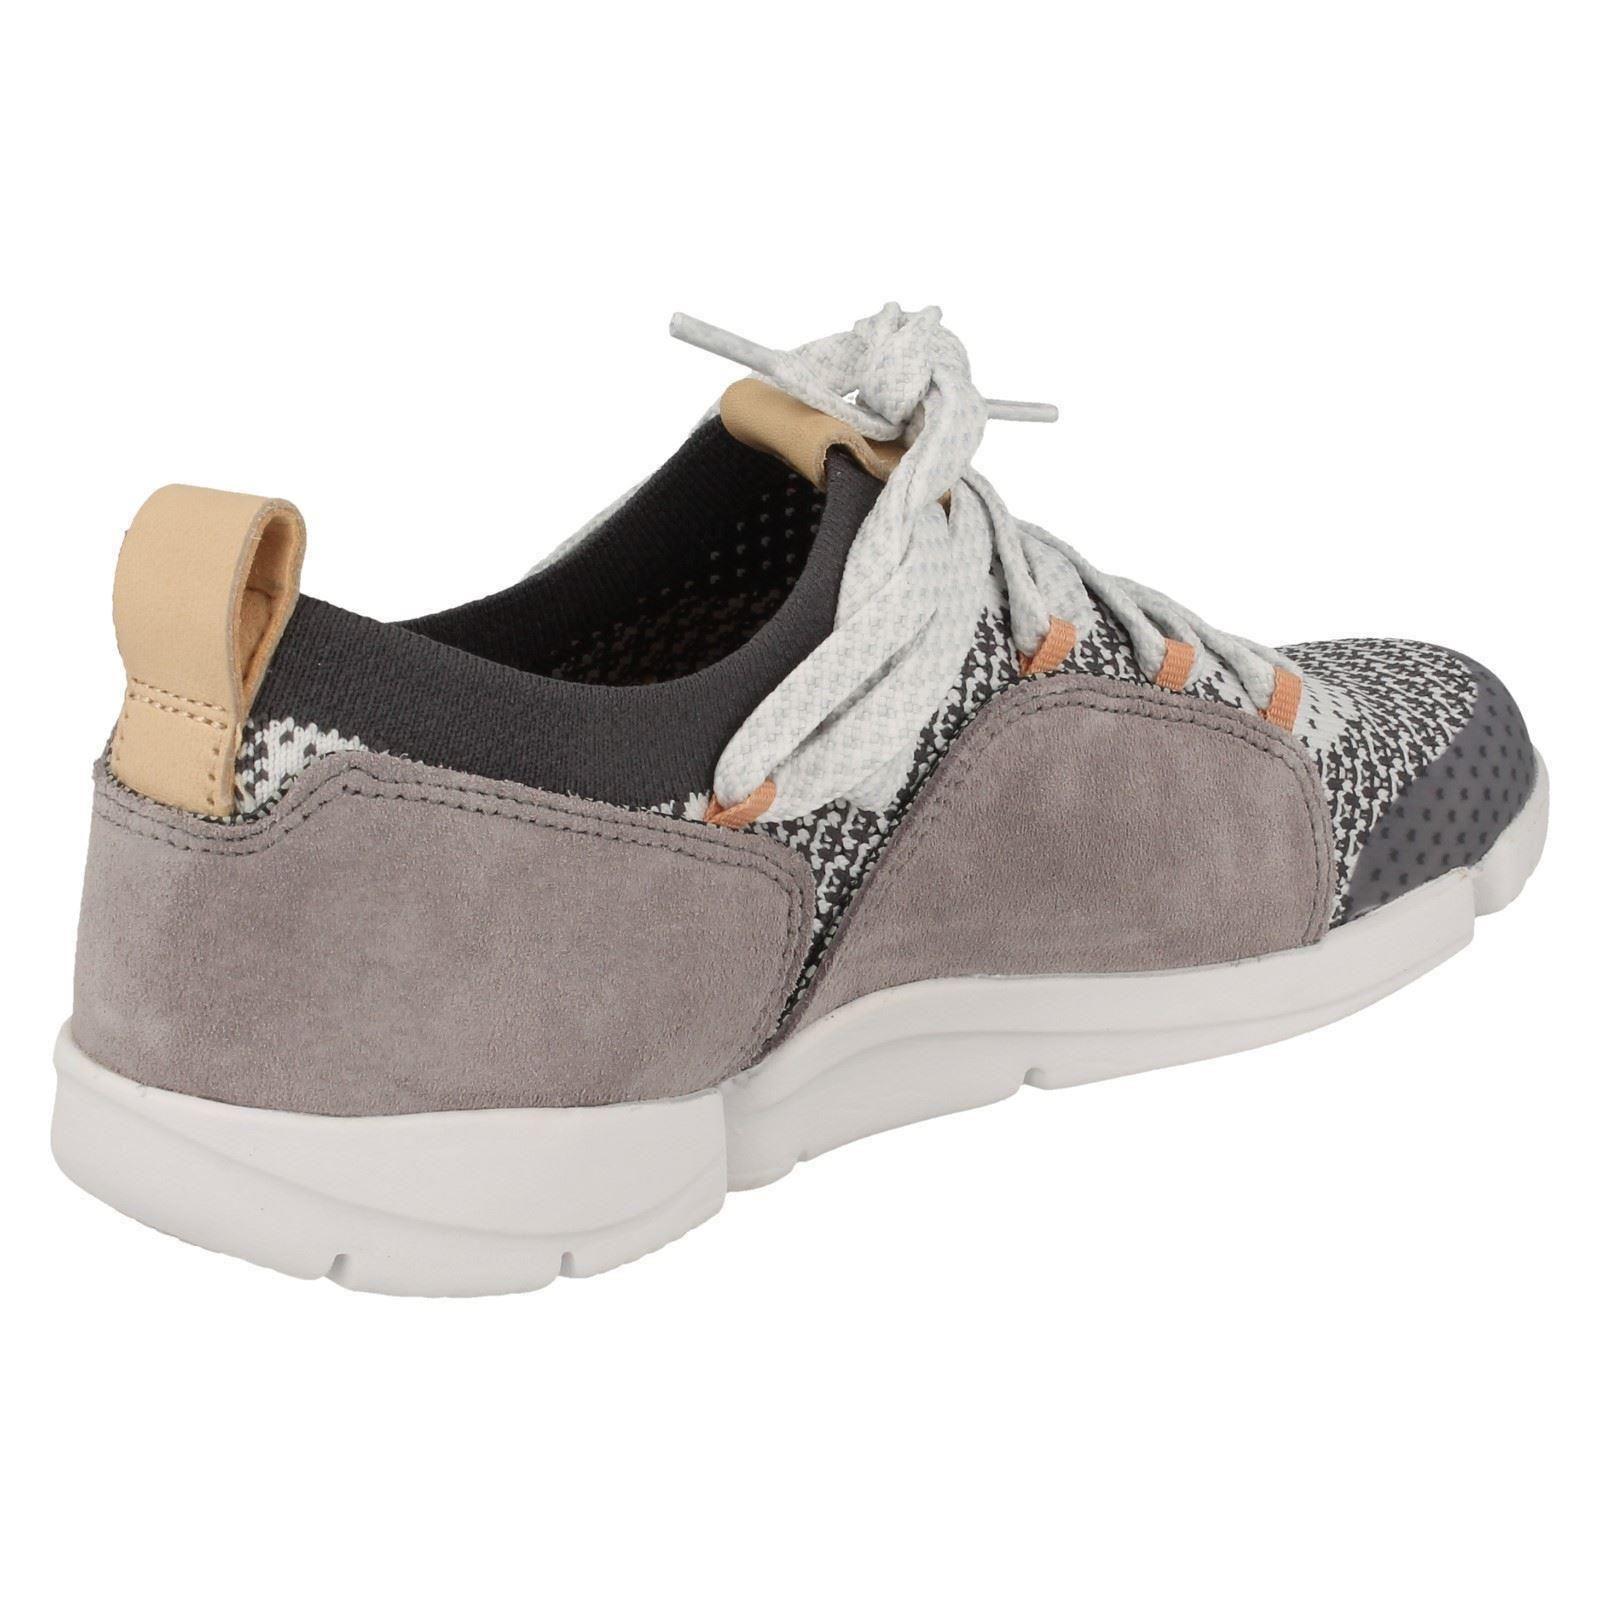 Damas Clarks Casual de Encaje zapatos trigenic Ligero Zapatillas zapatos Encaje Tri Amelia 087a2b